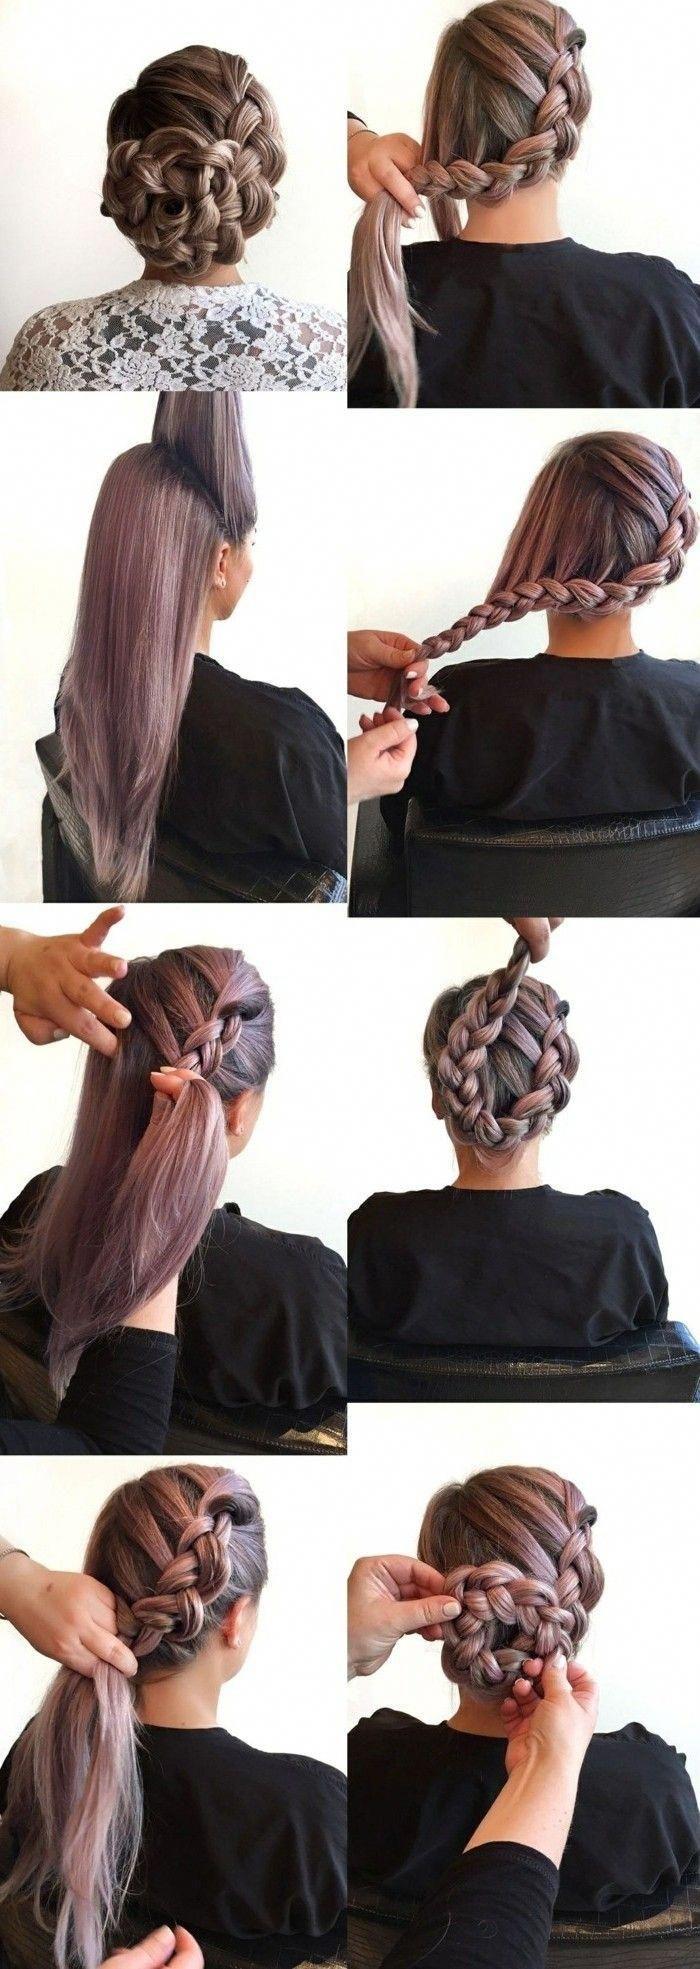 einfache-frisuren-lange-glatte-haare-zopf-frisur-selber-machen